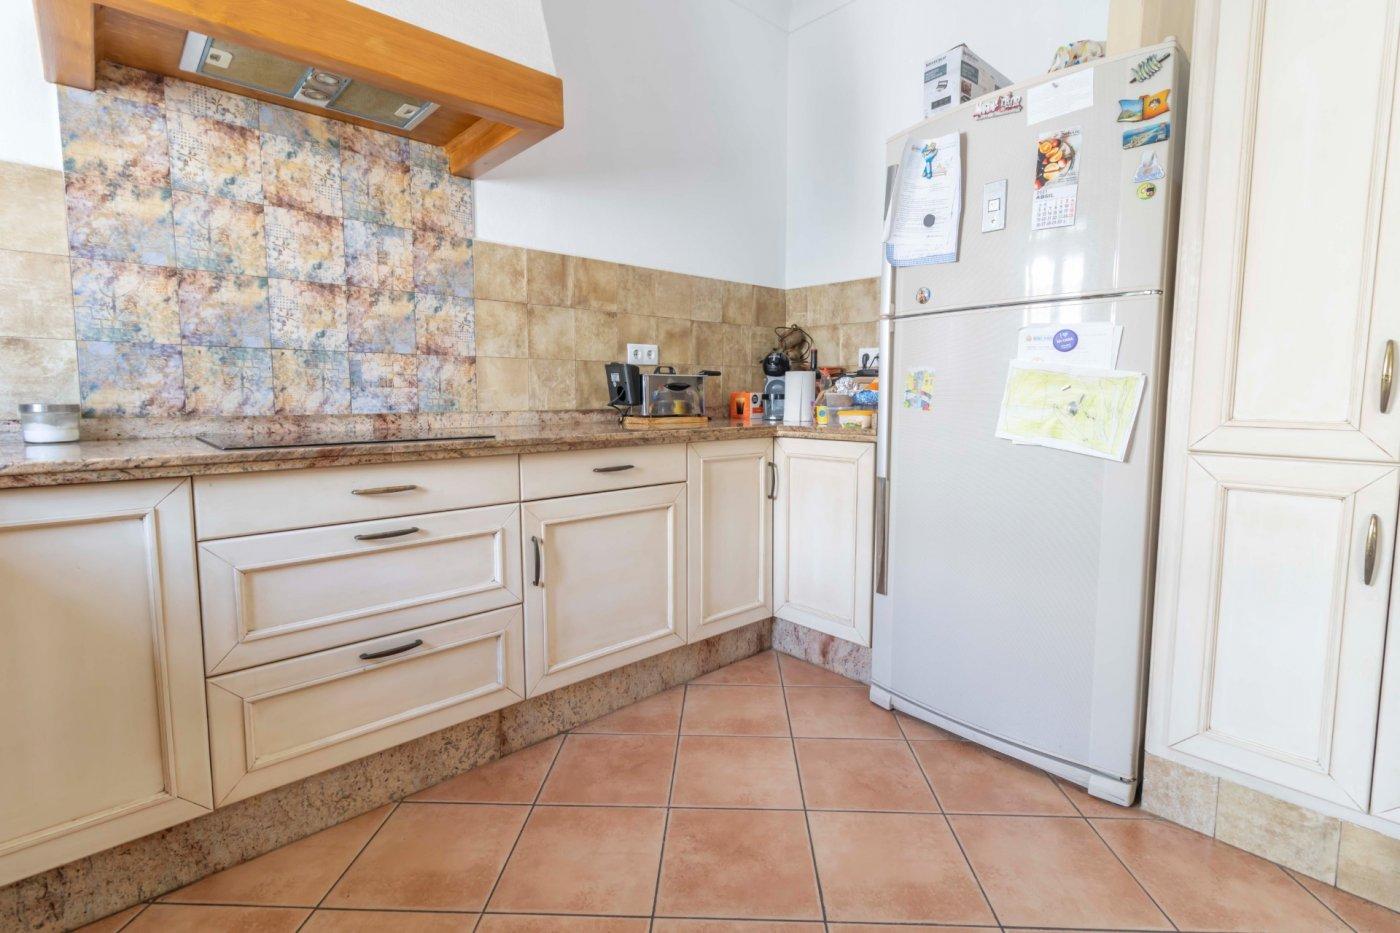 Casa de reciente construccion a la venta en carmona - imagenInmueble5